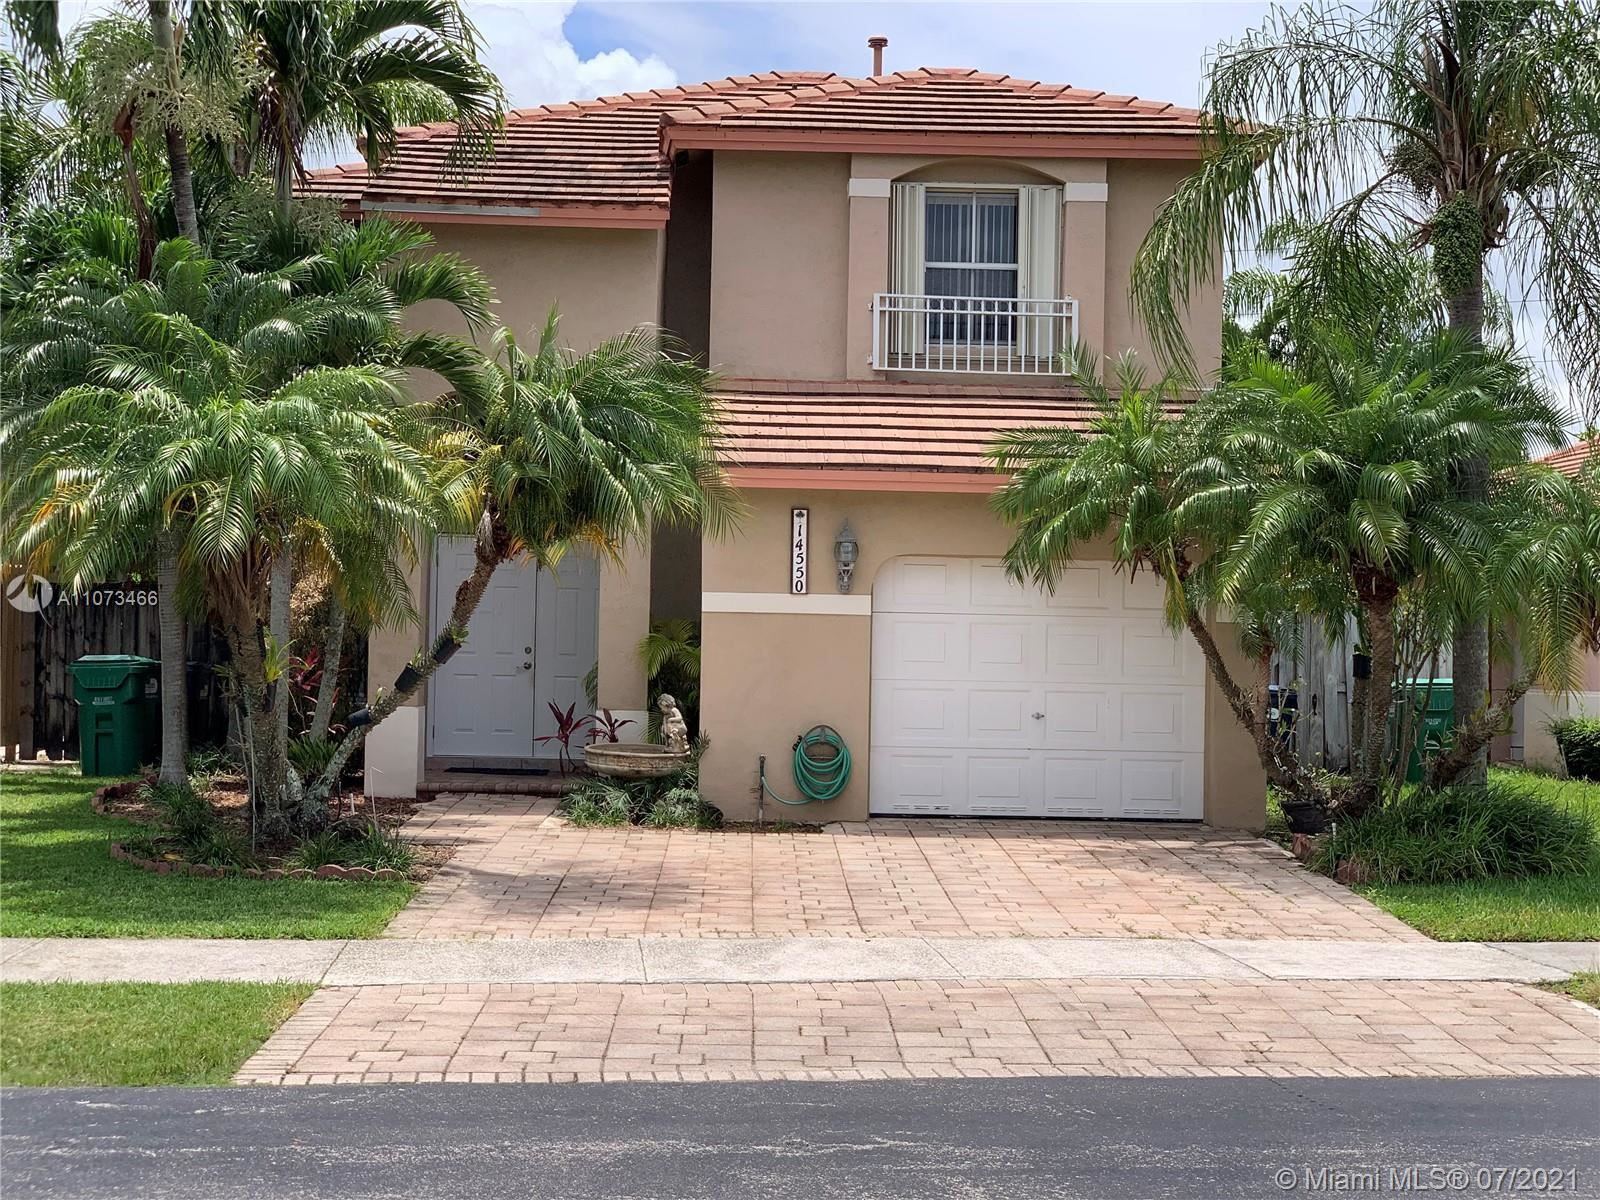 14550 SW 156th Ave, Miami, FL 33196 - #: A11073466